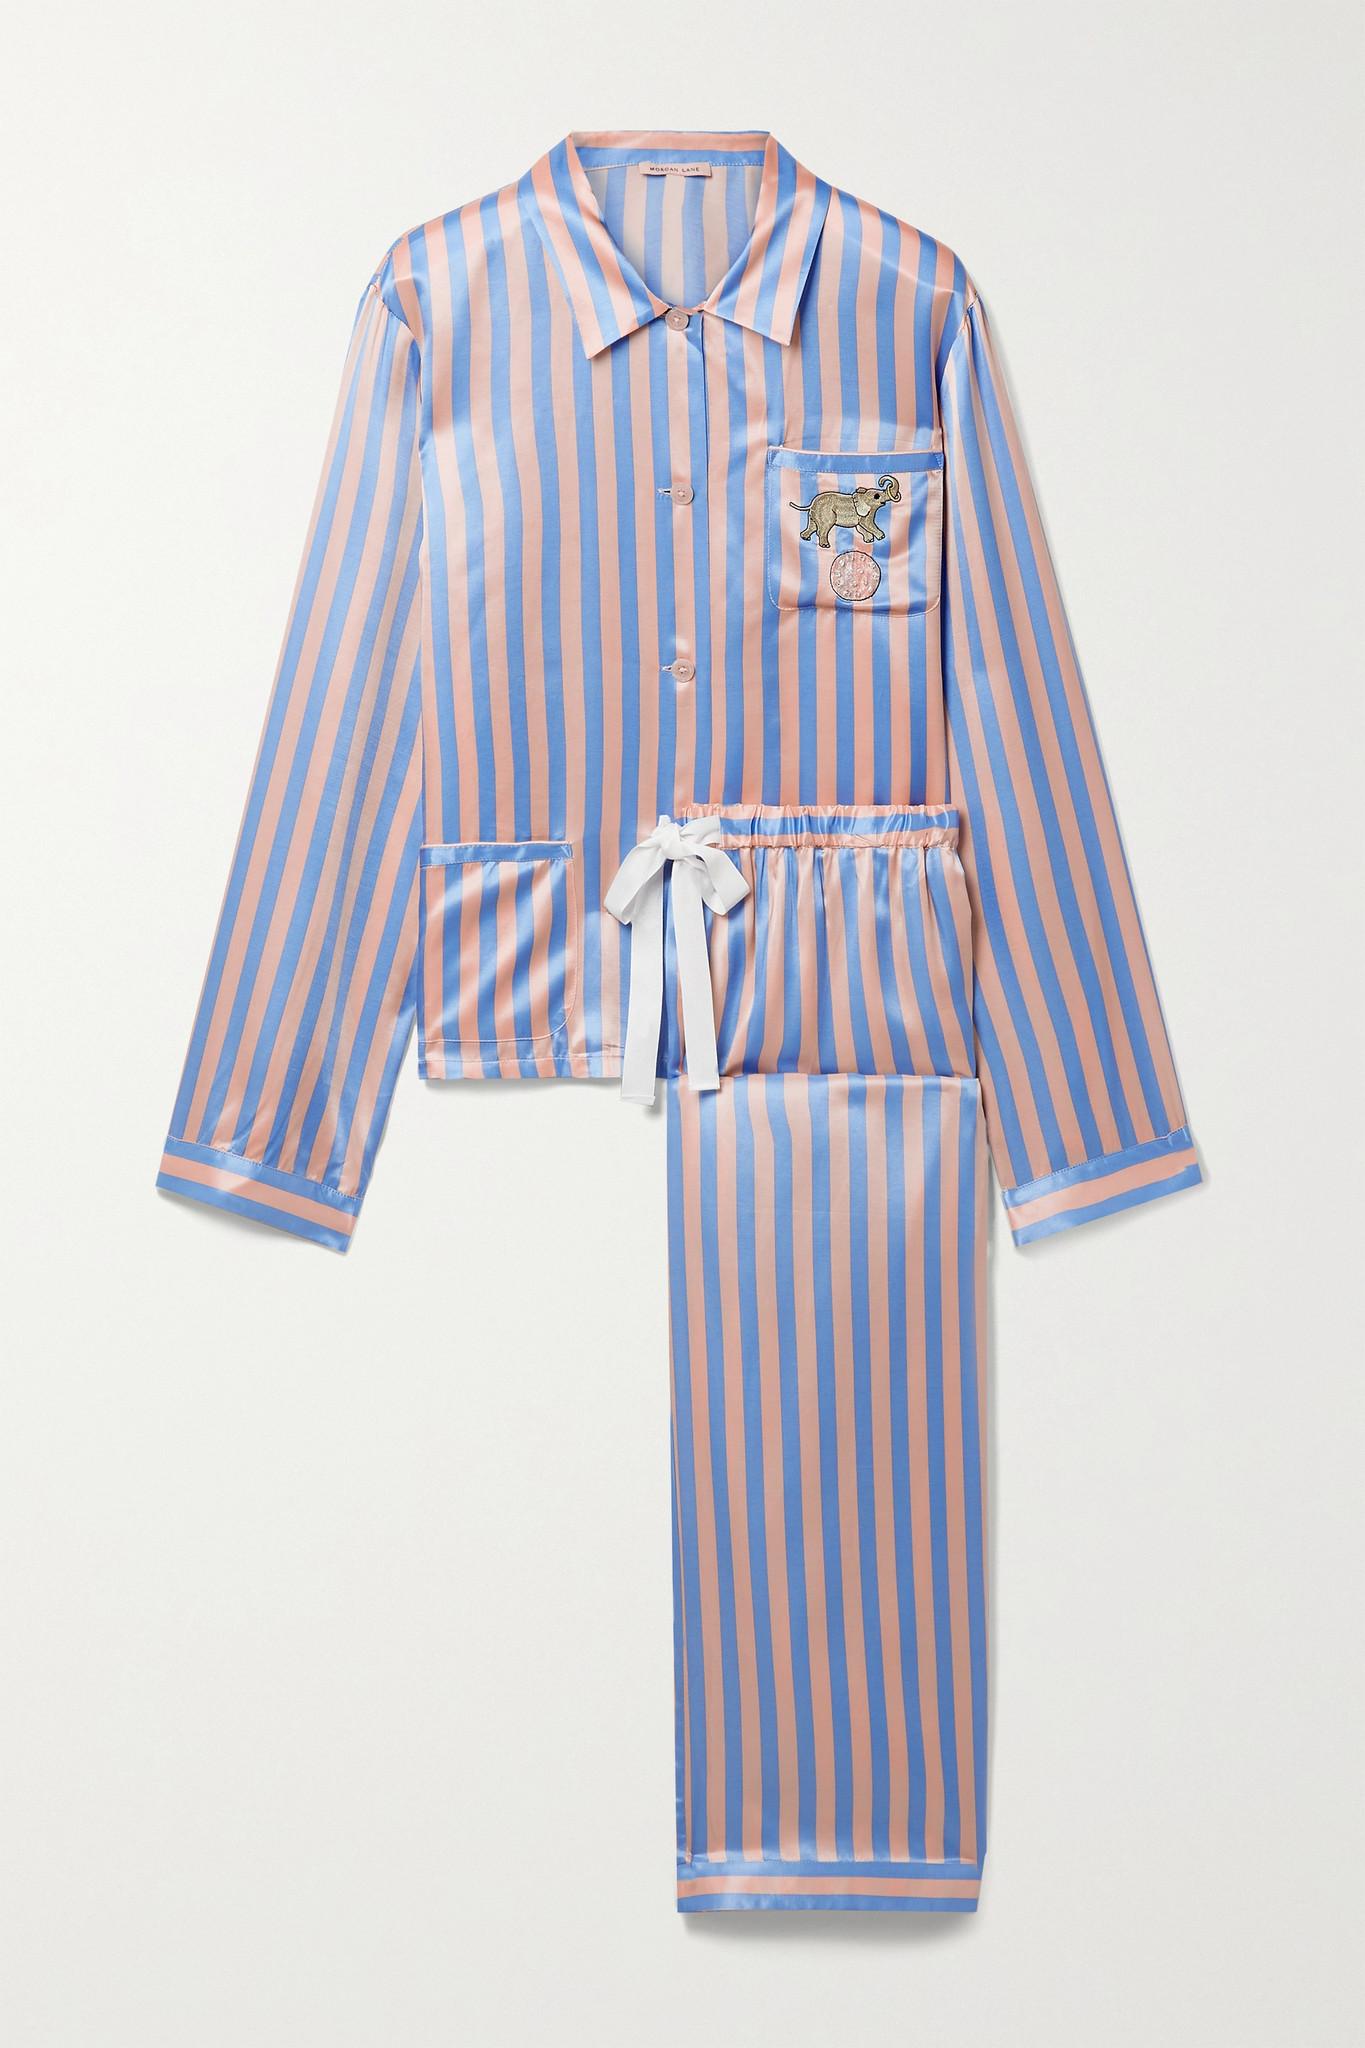 MORGAN LANE - Ruthie Chantal Embellished Embroidered Striped Satin Pajama Set - Pink - large